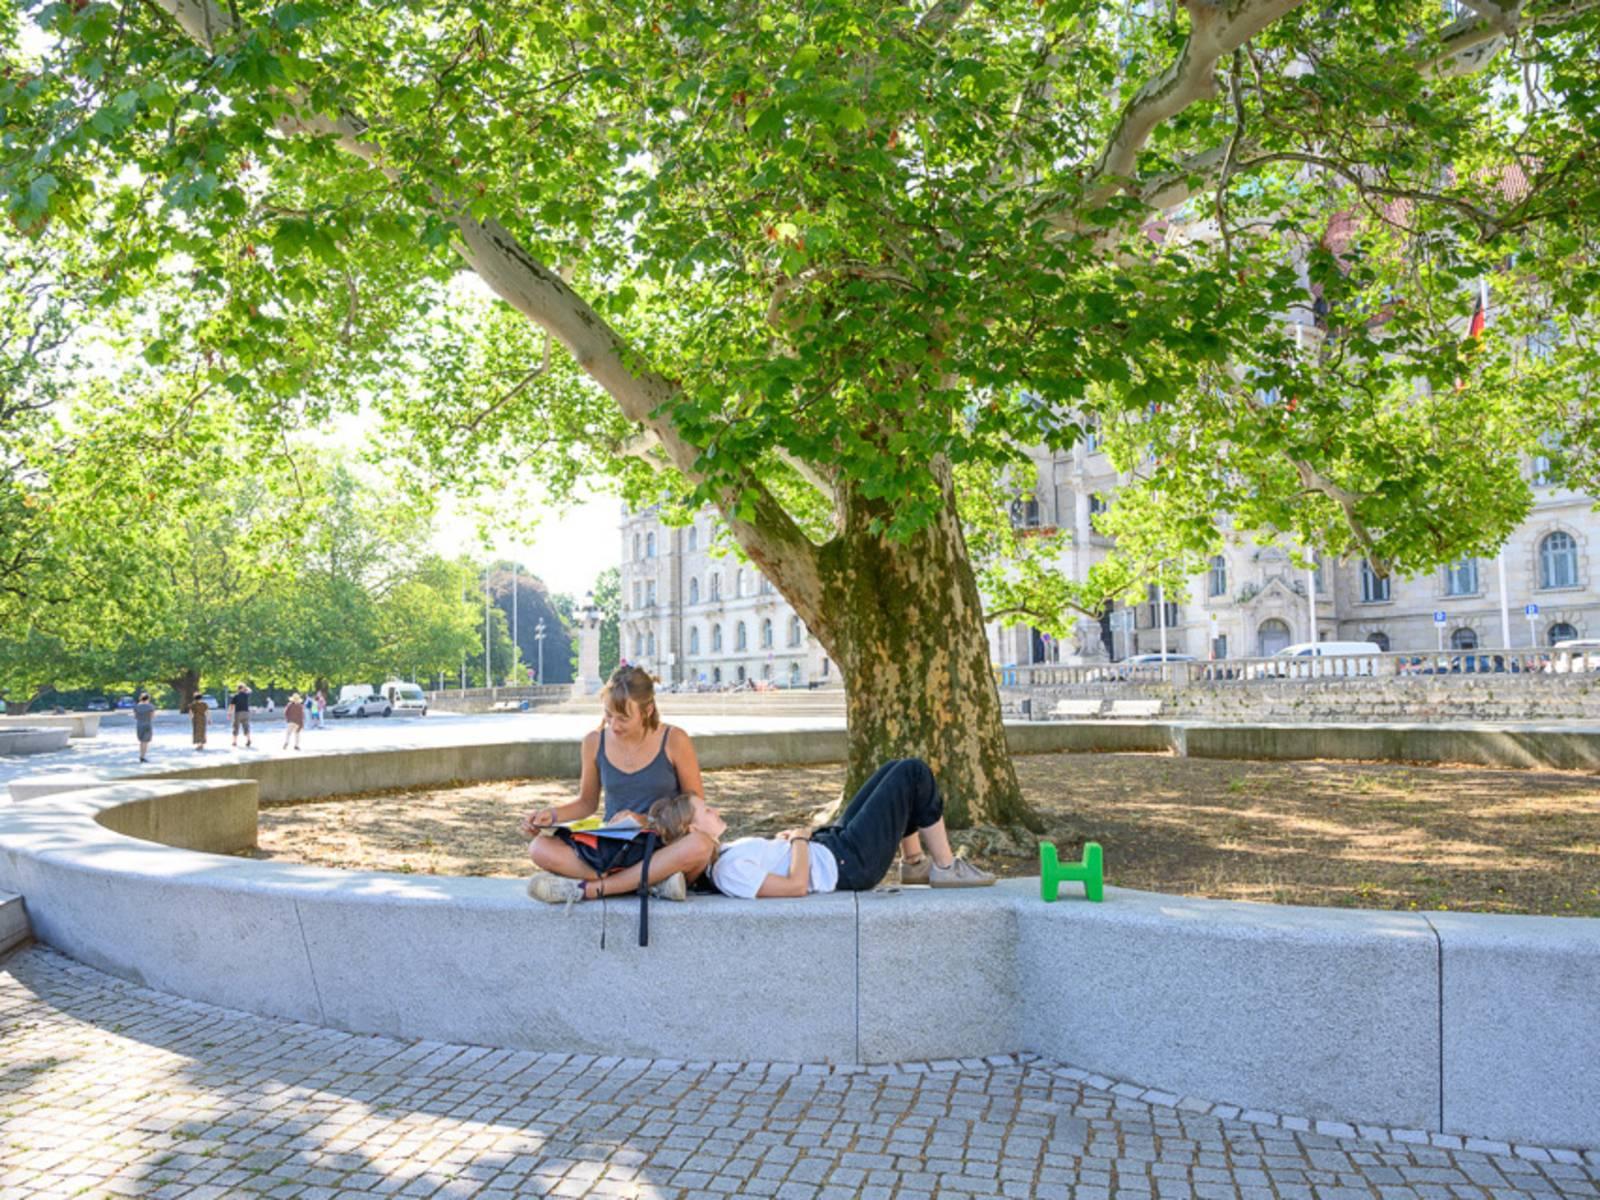 Zwei Personen auf einer Steinfläche. Dahinter ein Baum.